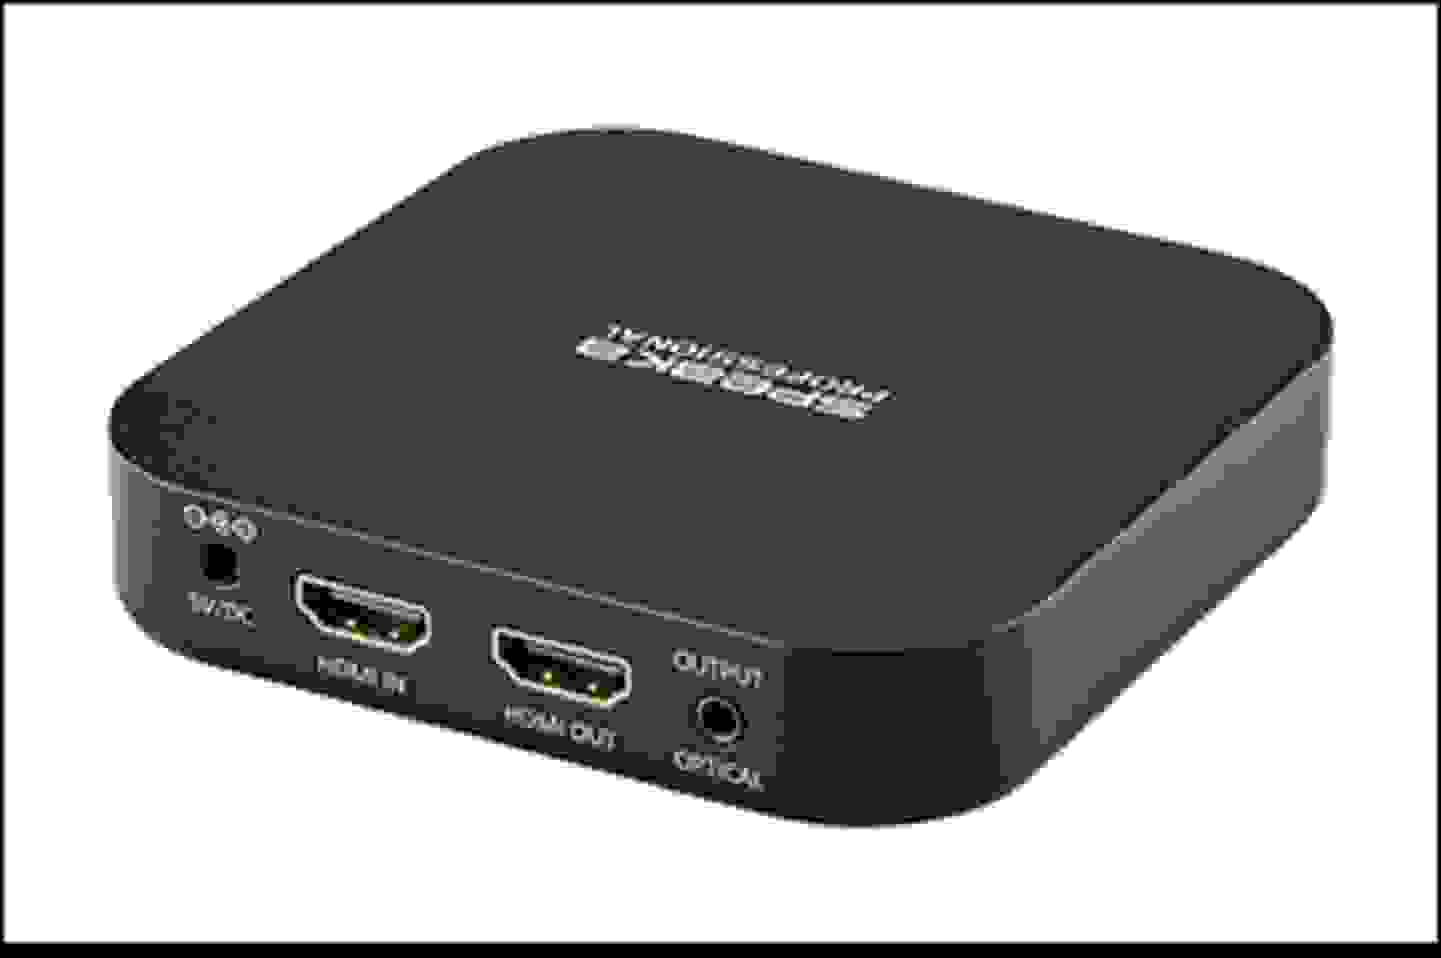 Speaka Professional - Convertisseurs AV / HDMI